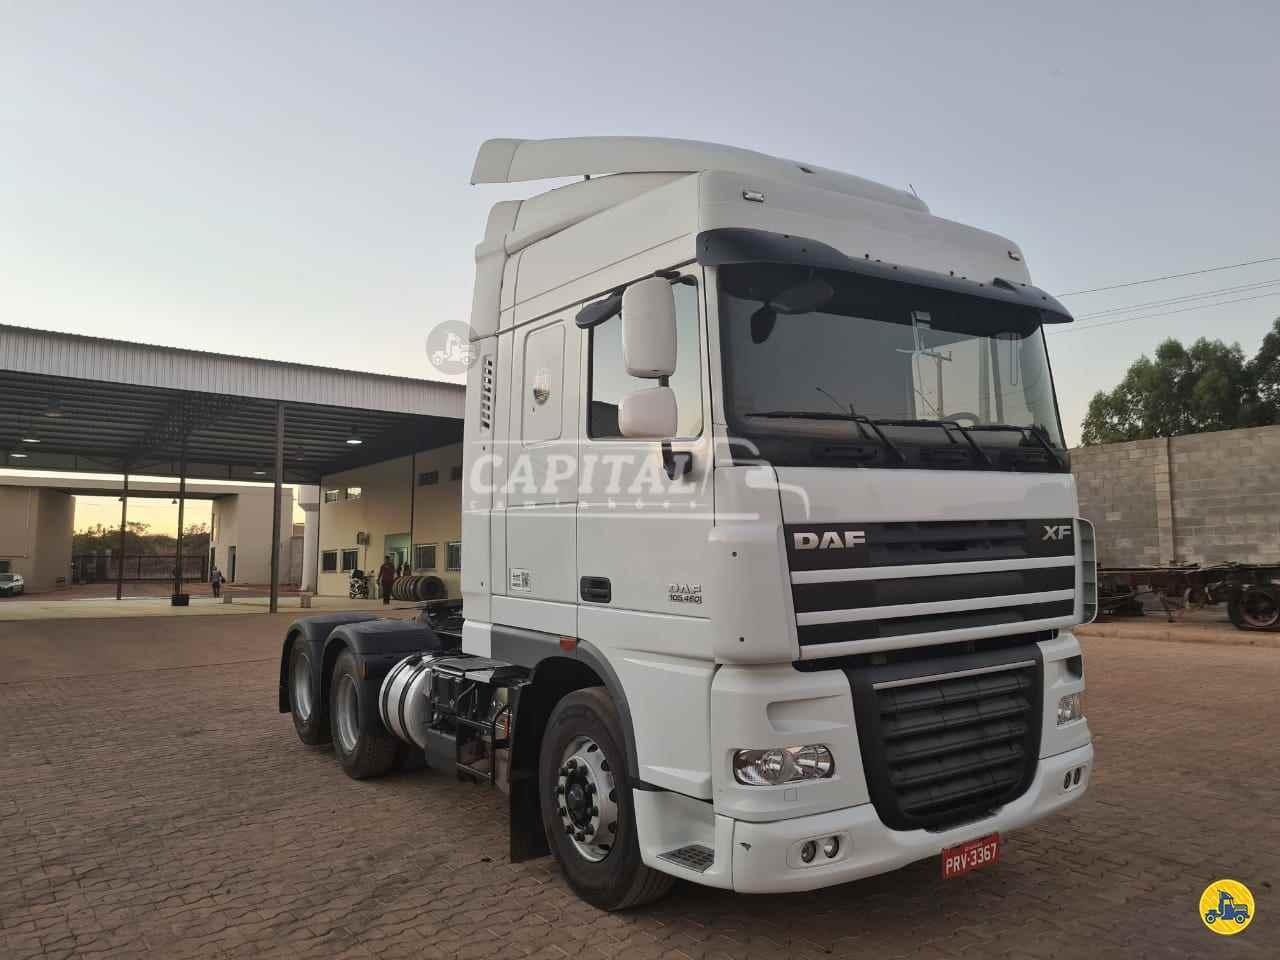 CAMINHAO DAF DAF XF105 460 Capital Caminhões - Metalesp e Recrusul  BRASILIA DISTRITO FEDERAL DF